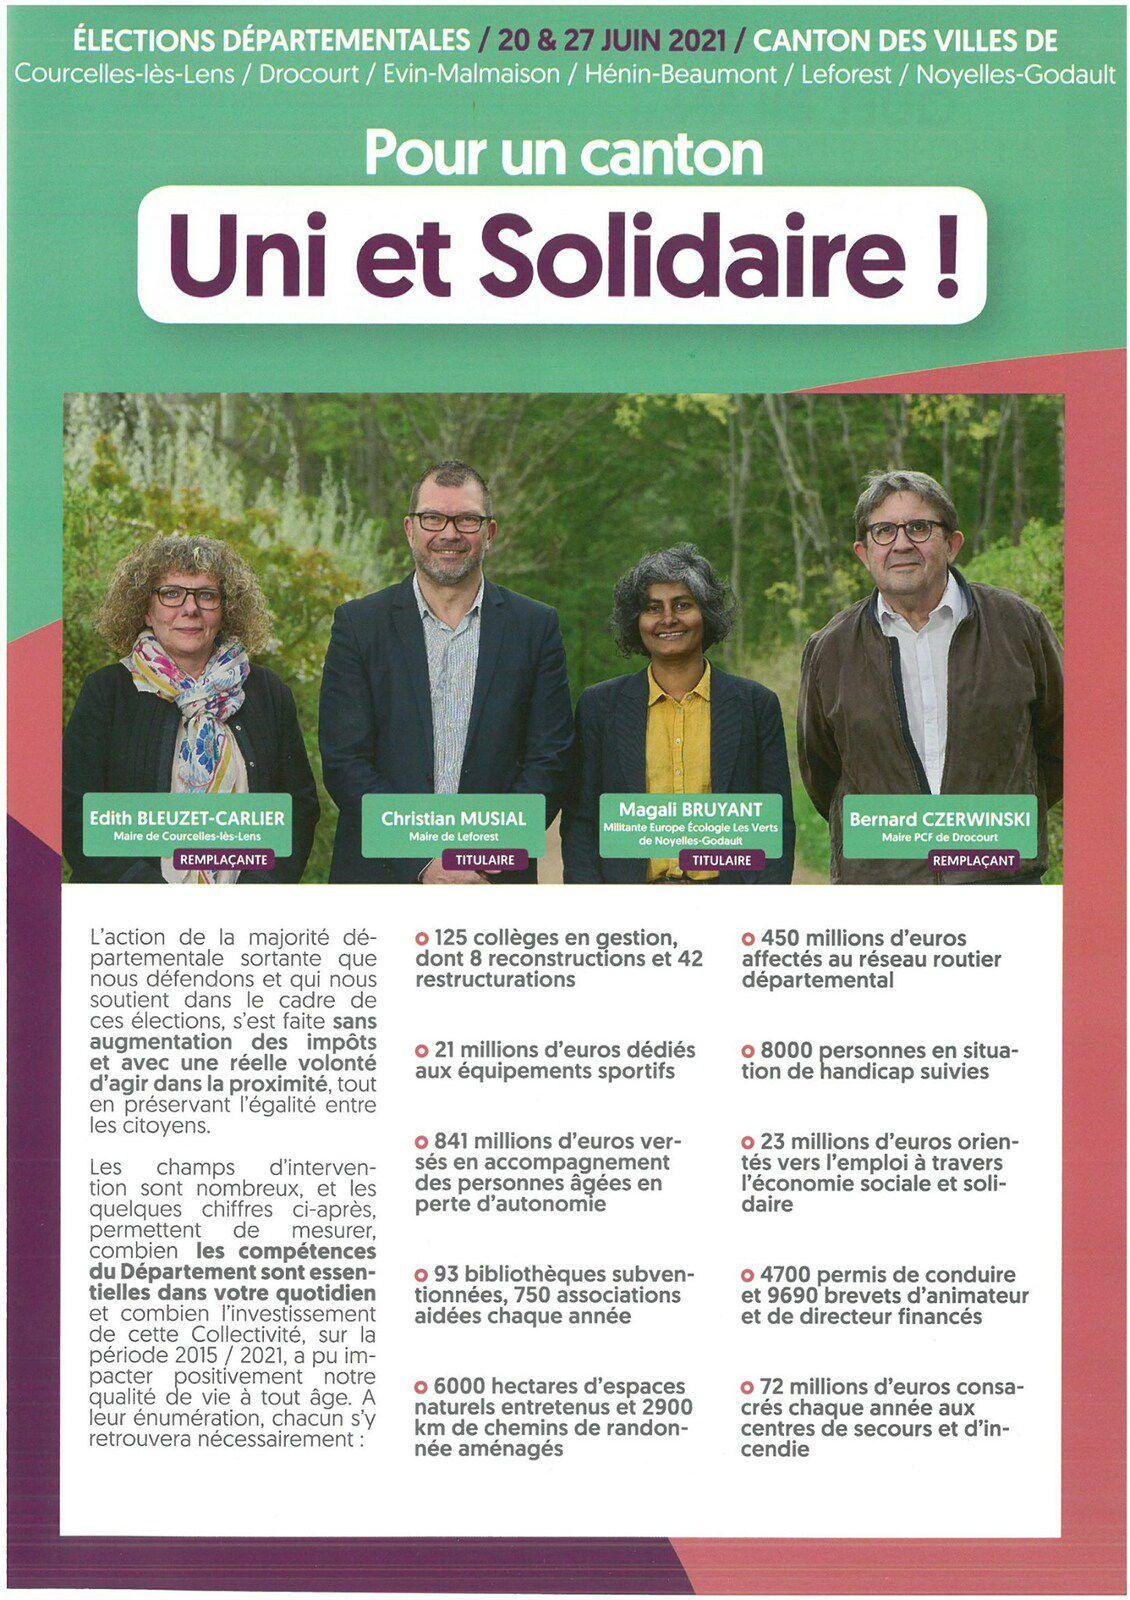 Elections départementales 2021 : le second tract de campagne des candidats du canton d'Hénin-Beaumont 2